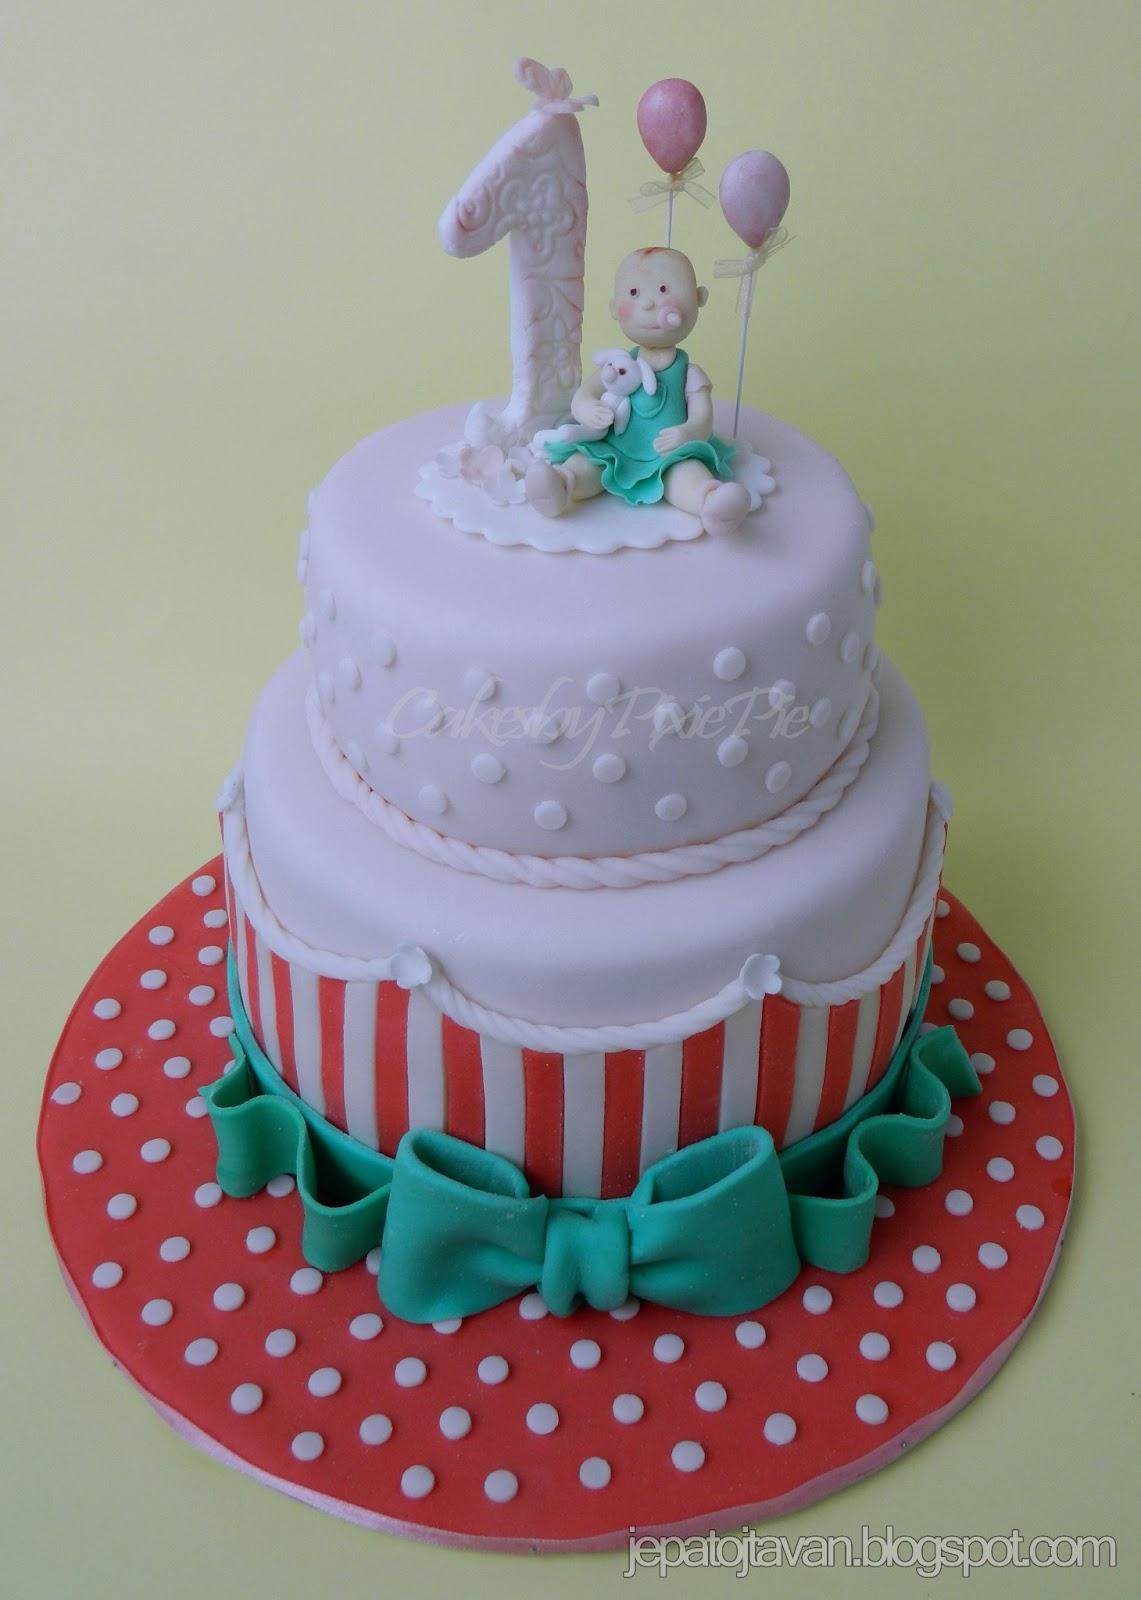 1 éves babának szülinapi torta Jépatojta van!: Torta első szülinapra liberális szellemben :) 1 éves babának szülinapi torta